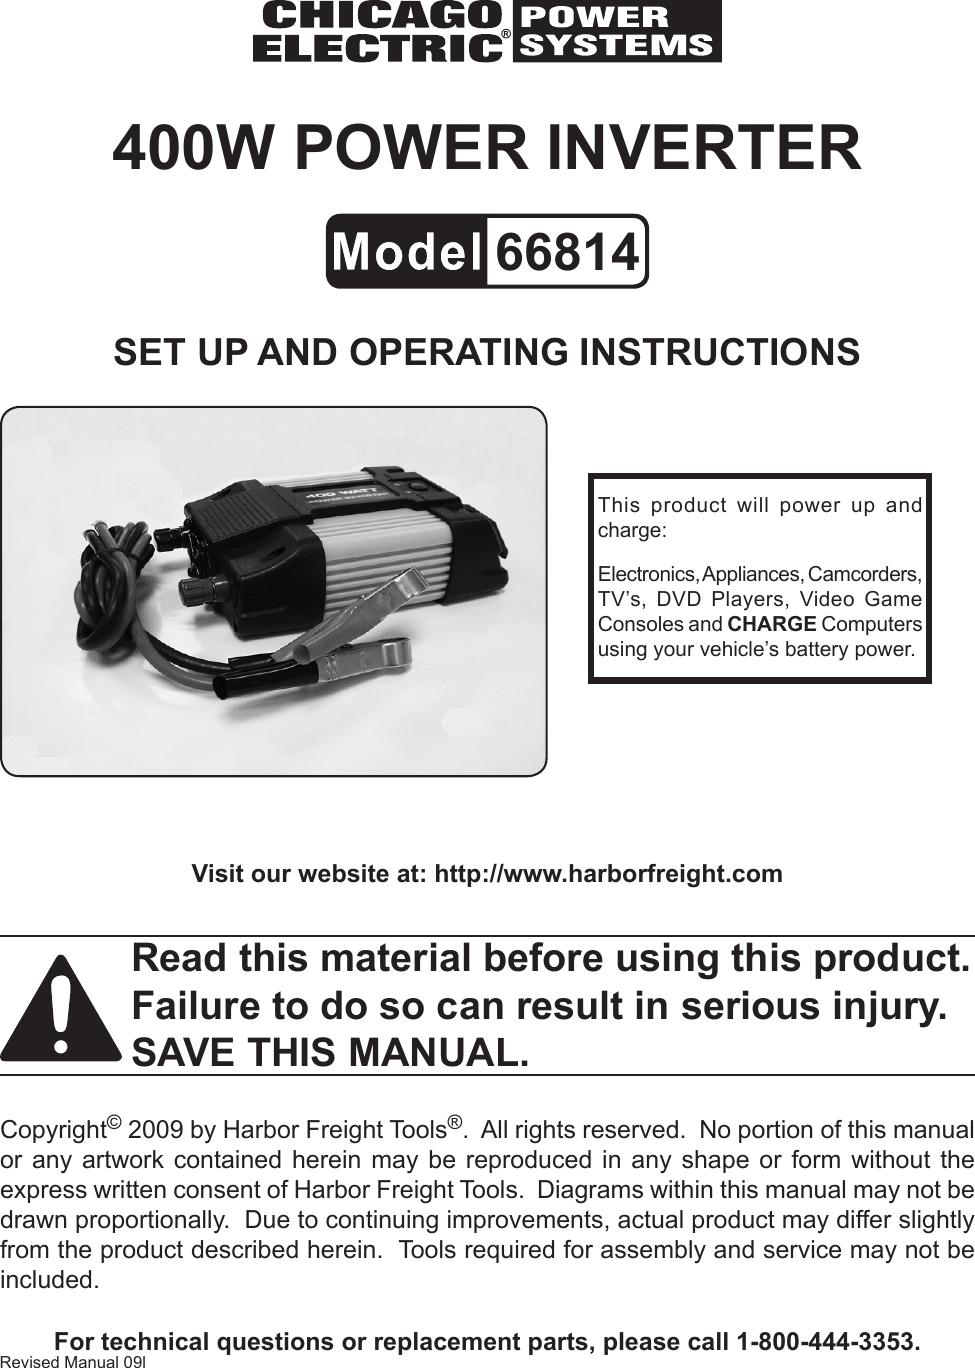 Sump Pump Power Inverter Manual Guide